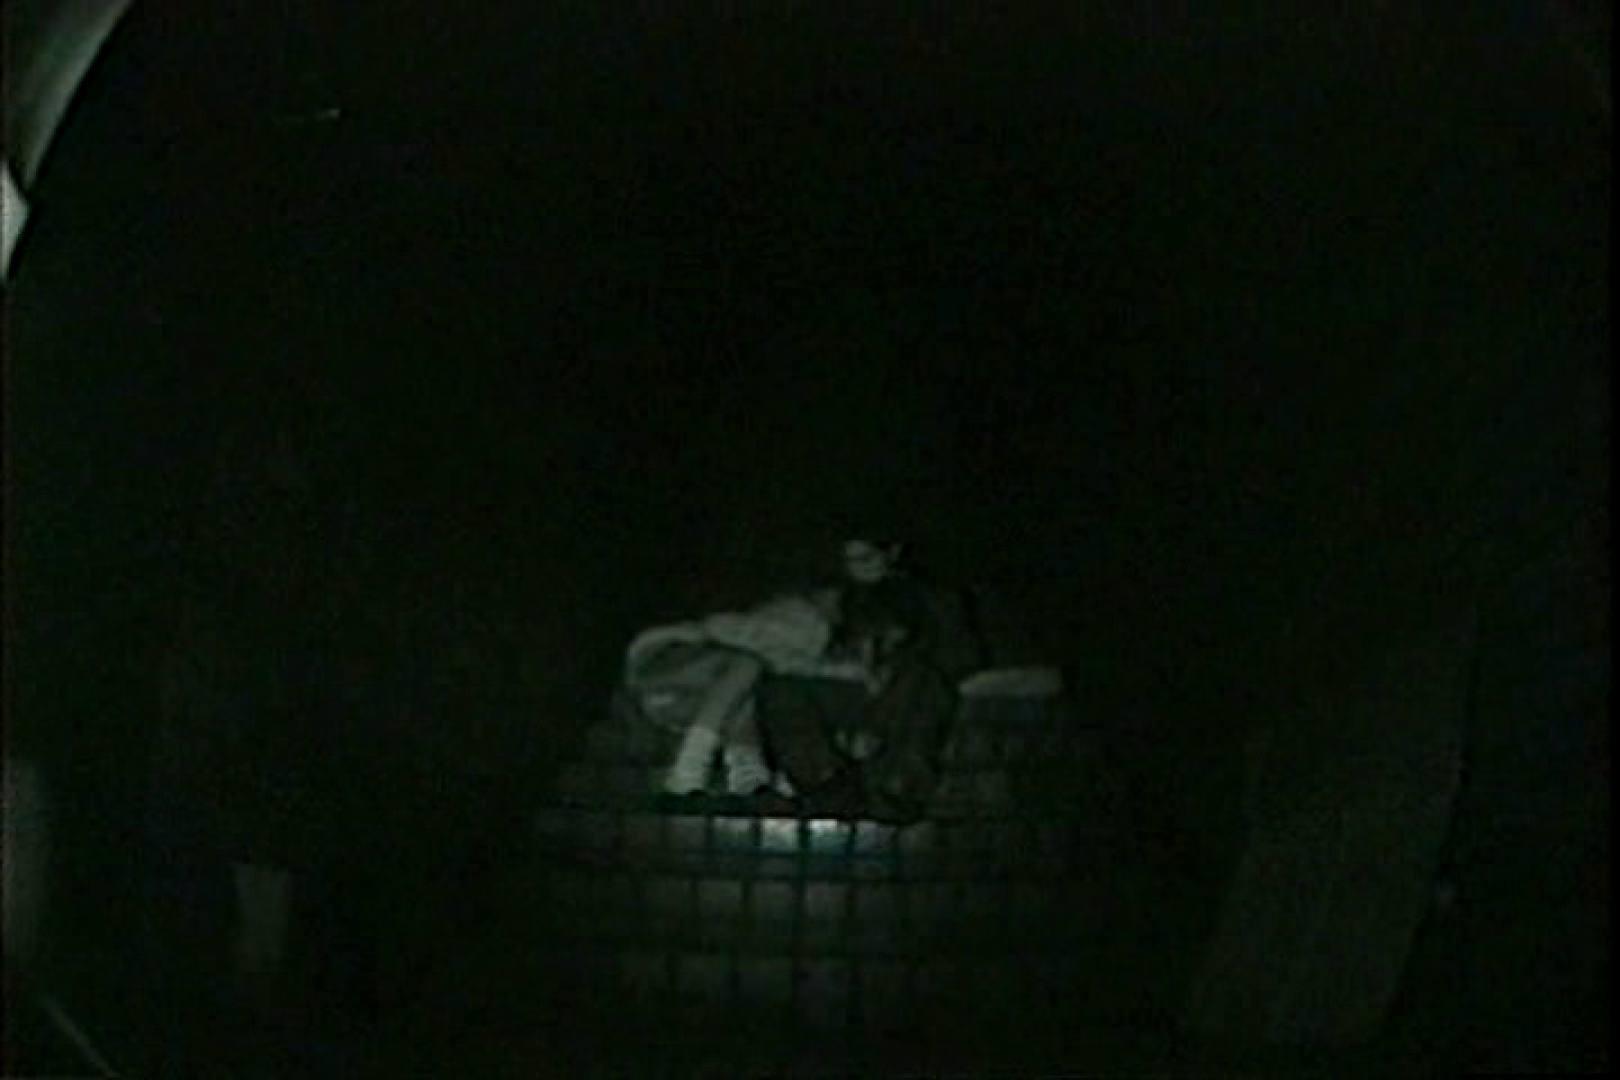 闇の仕掛け人 無修正版 Vol.17 OLエロ画像 盗撮セックス無修正動画無料 20PICs 2